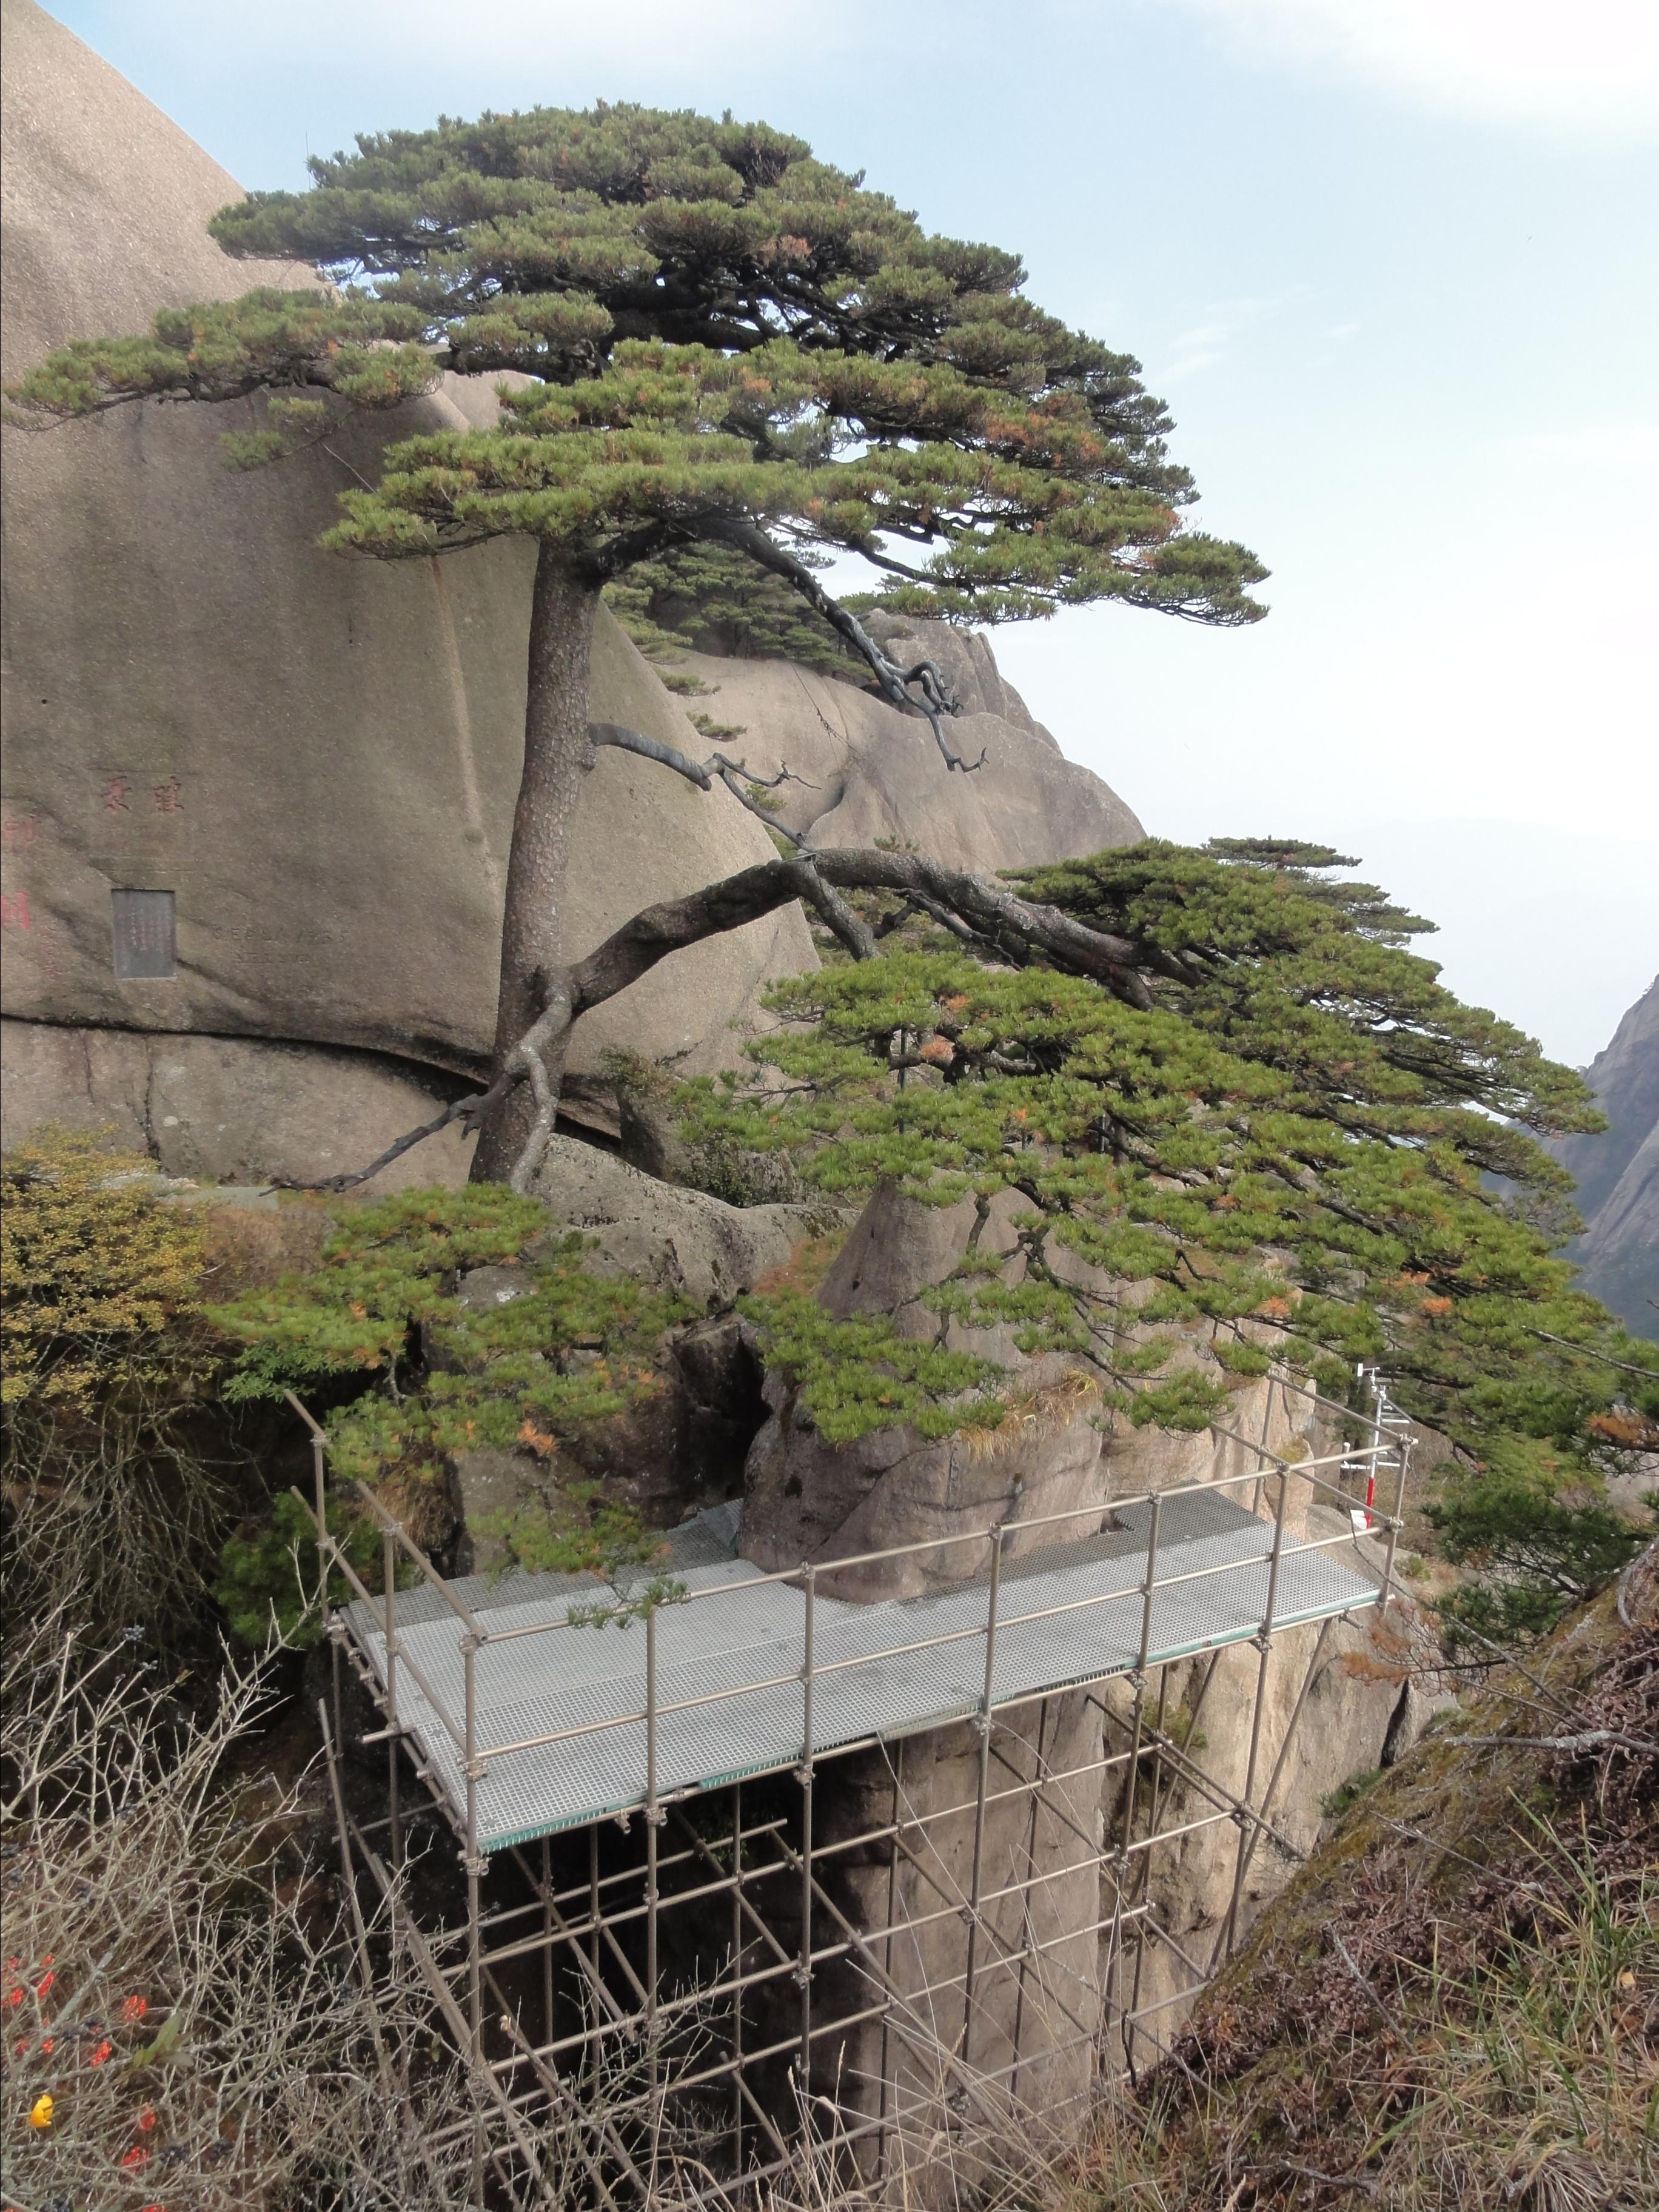 壁纸 风景 树 松 松树 2736_3648 竖版 竖屏 手机